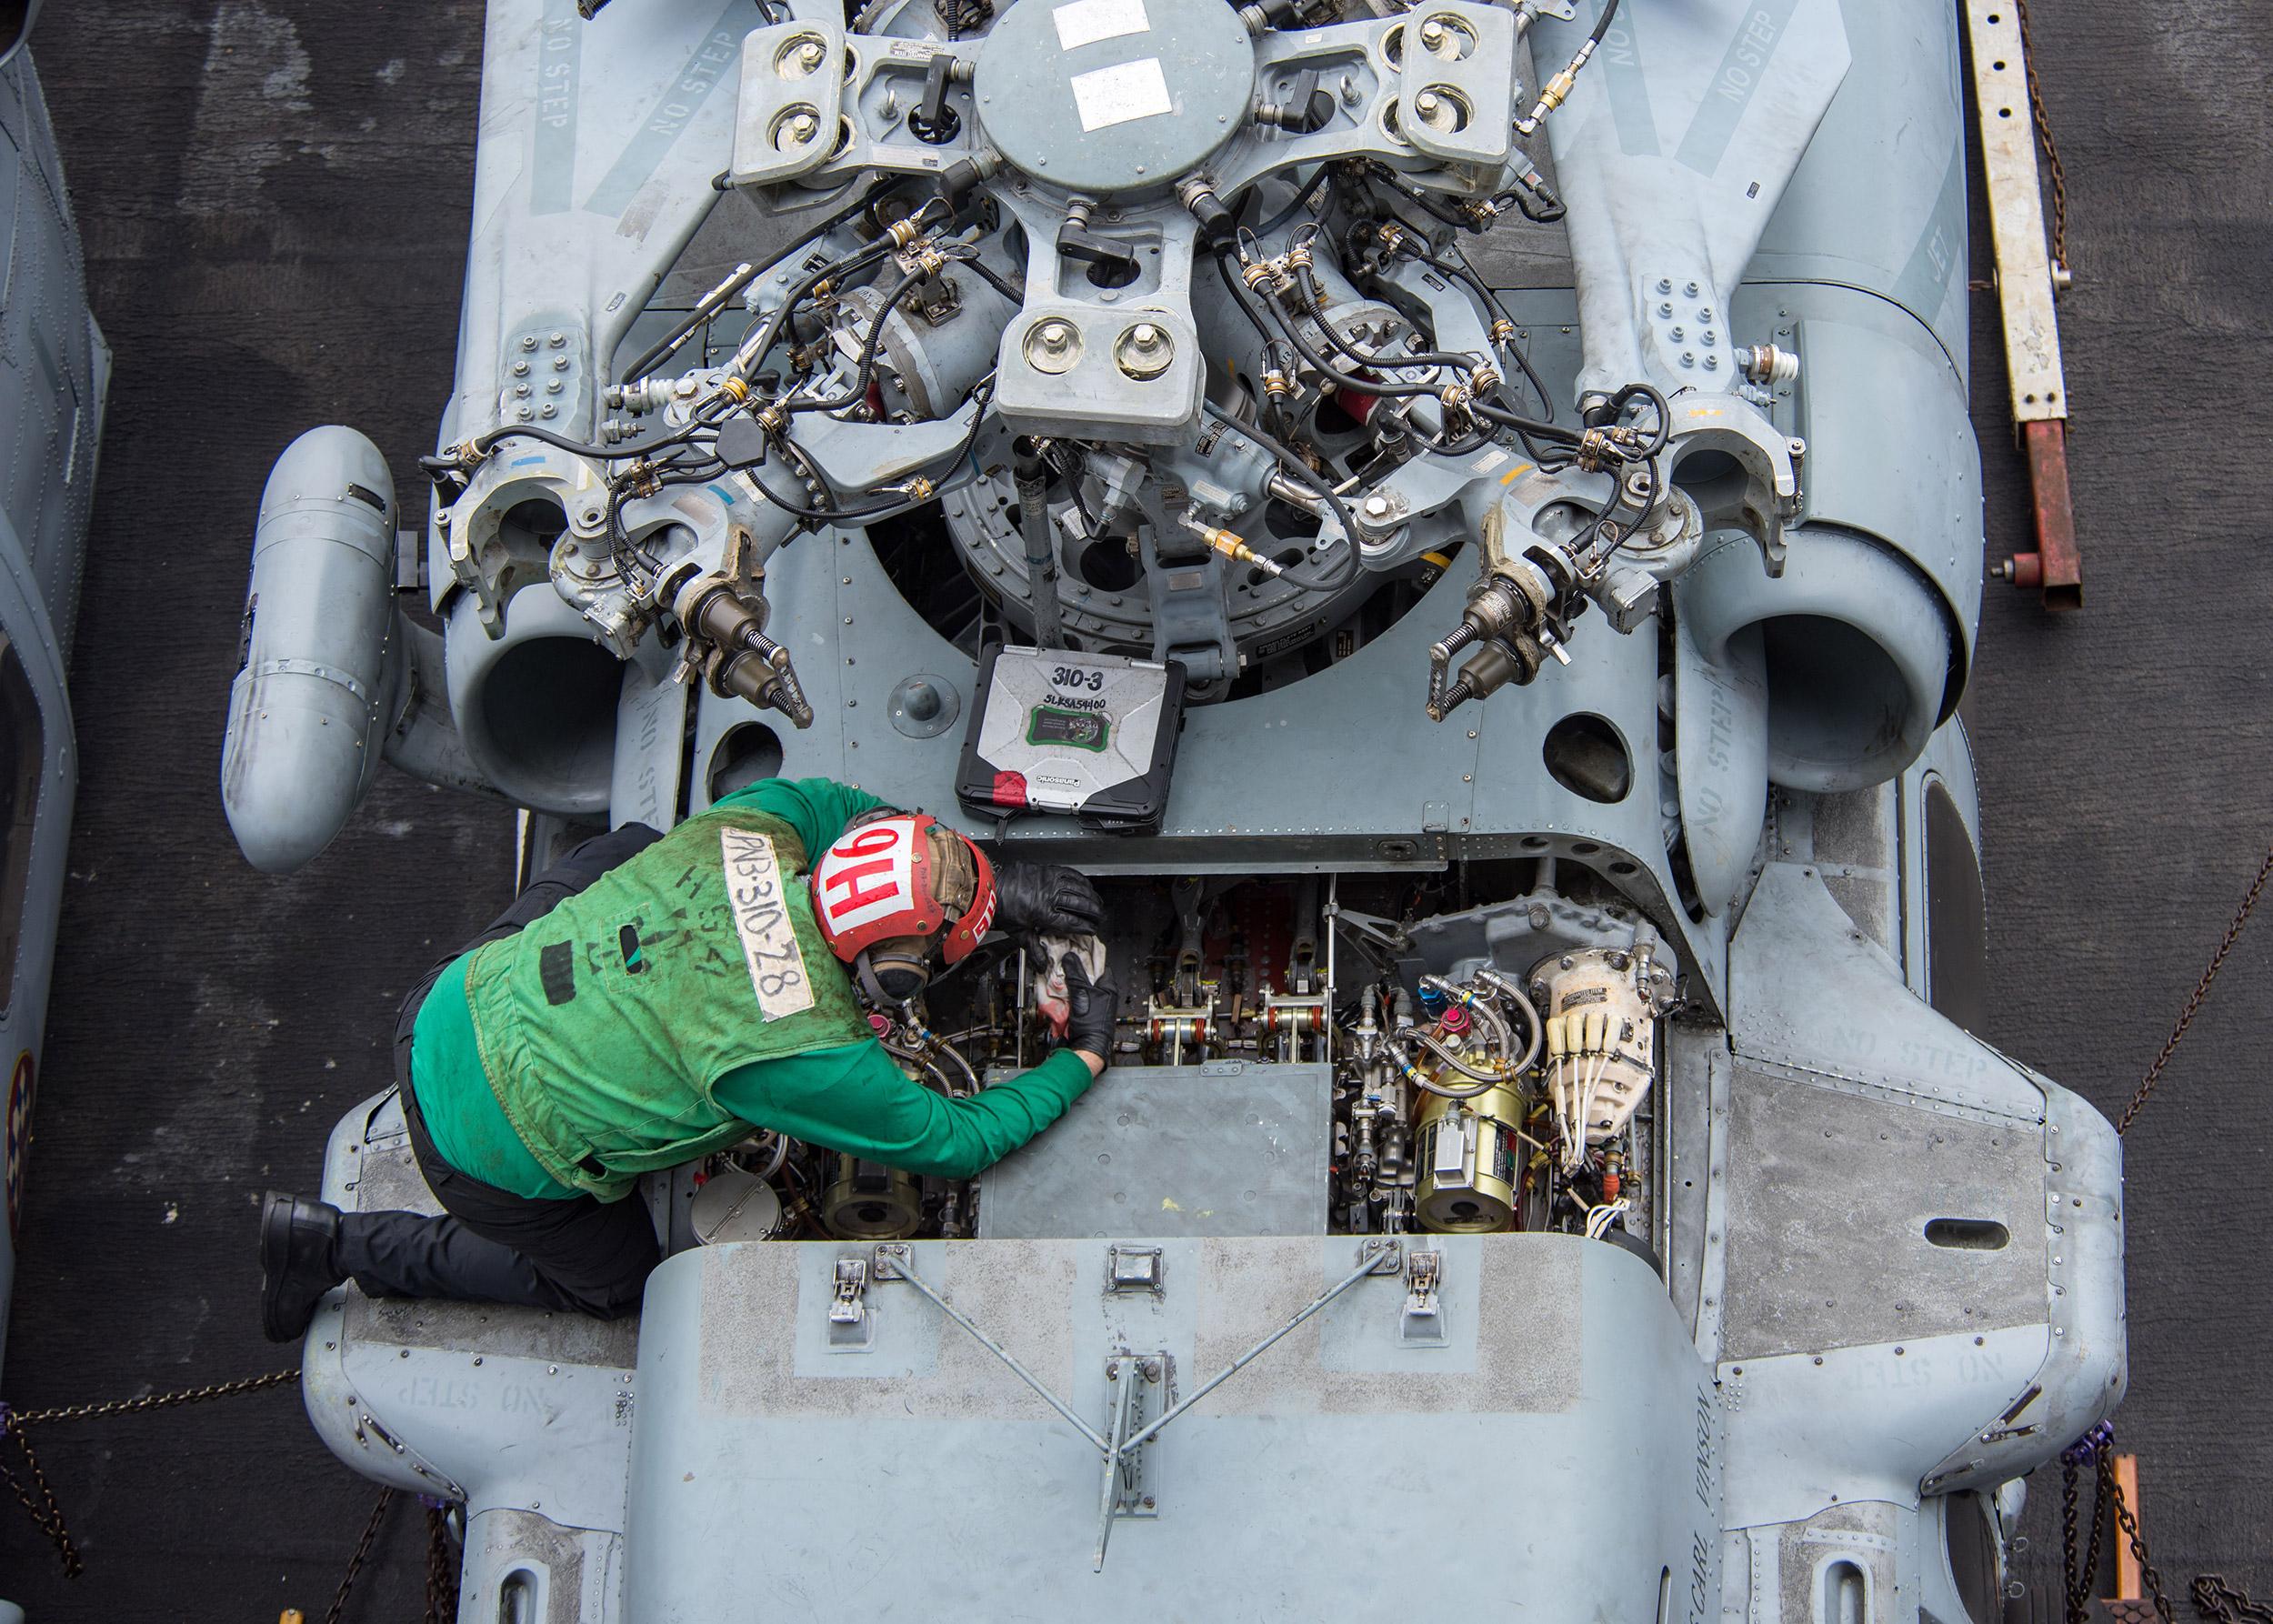 Служащий в Black Knights вертолетной боевой эскадрильи (HSC) 4 Сейлор, проводит техническое обслуживание вертолета MH-60S Sea Hawk на летной палубе авианосца класса Nimitz USS Carl Vinson (CVN 70). (Фото: ВМС США).